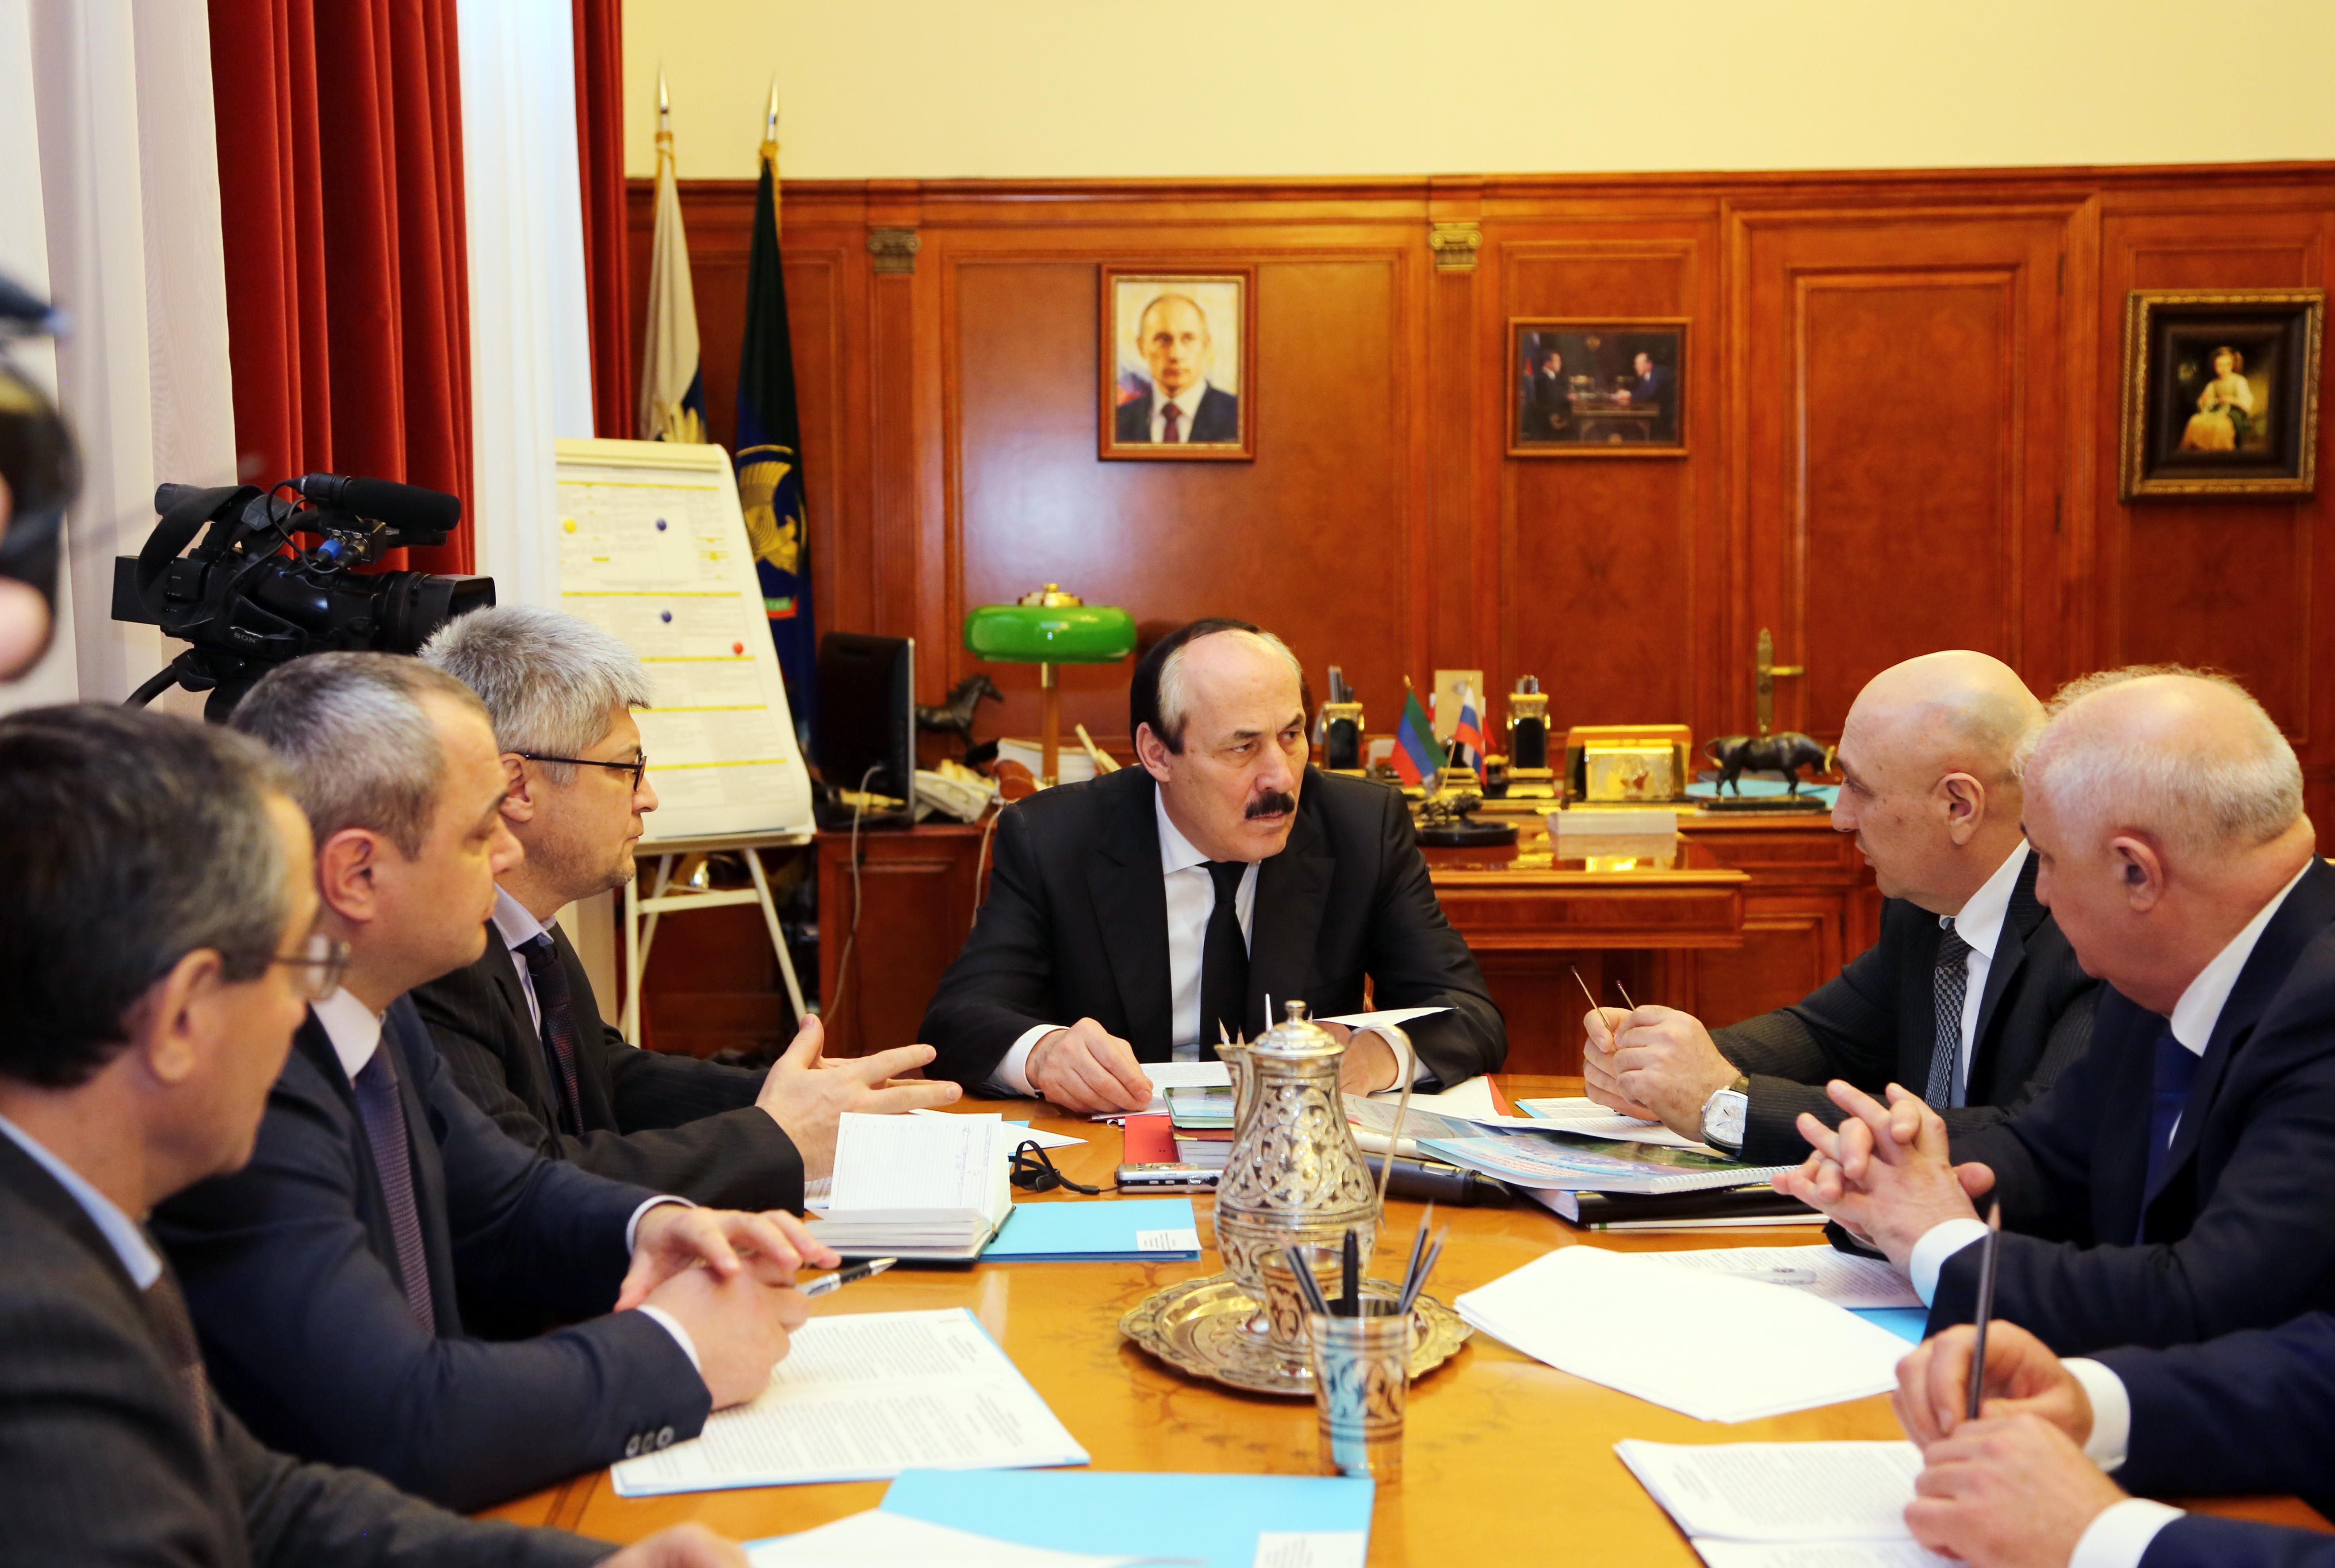 Руководители Докузпаринского и Курахского районов отчитались перед Главой Дагестана о проделанной работе